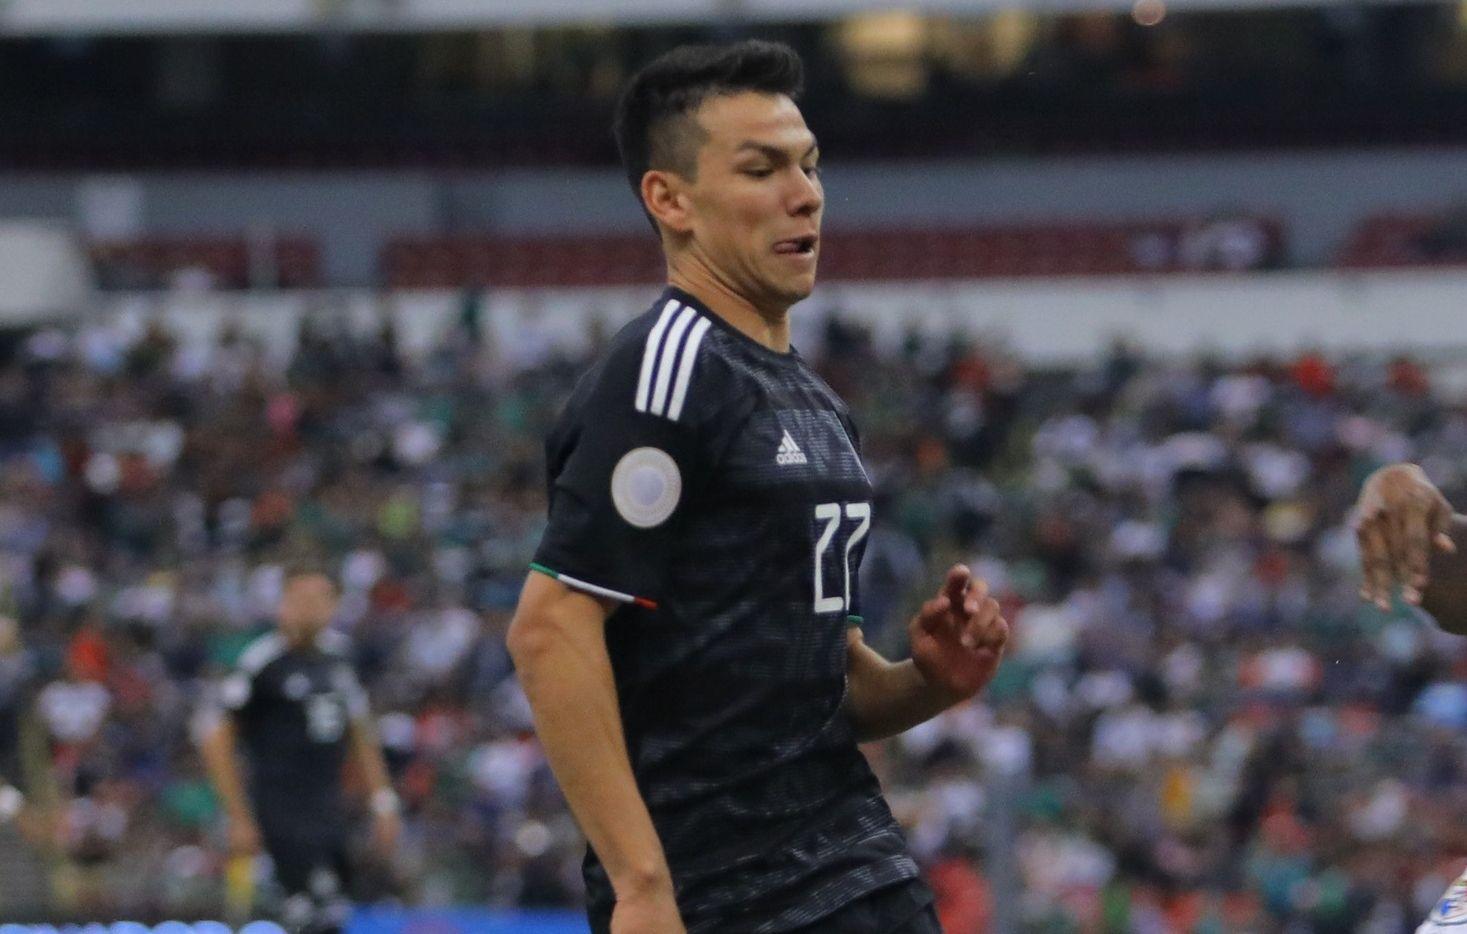 El delantero mexicano Hirving Lozano ha subido su nivel de juego con el Nápoles de Italia.